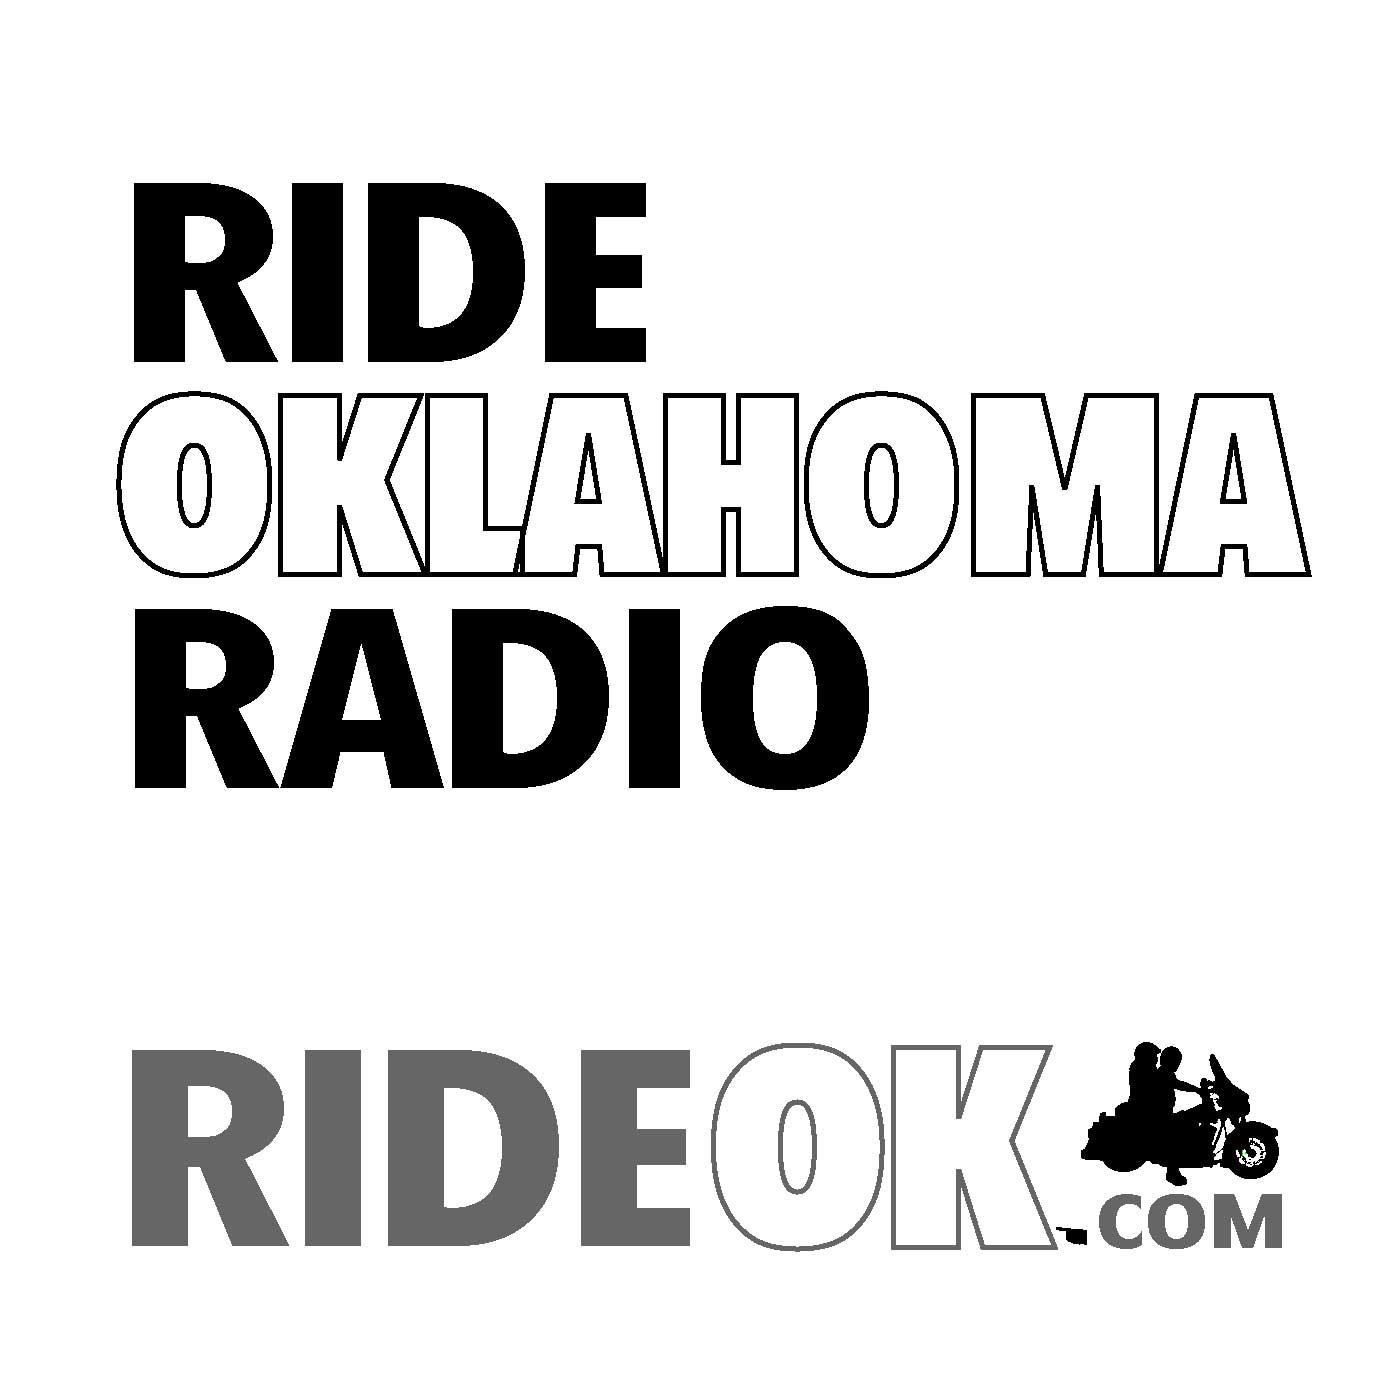 Ride Oklahoma Radio